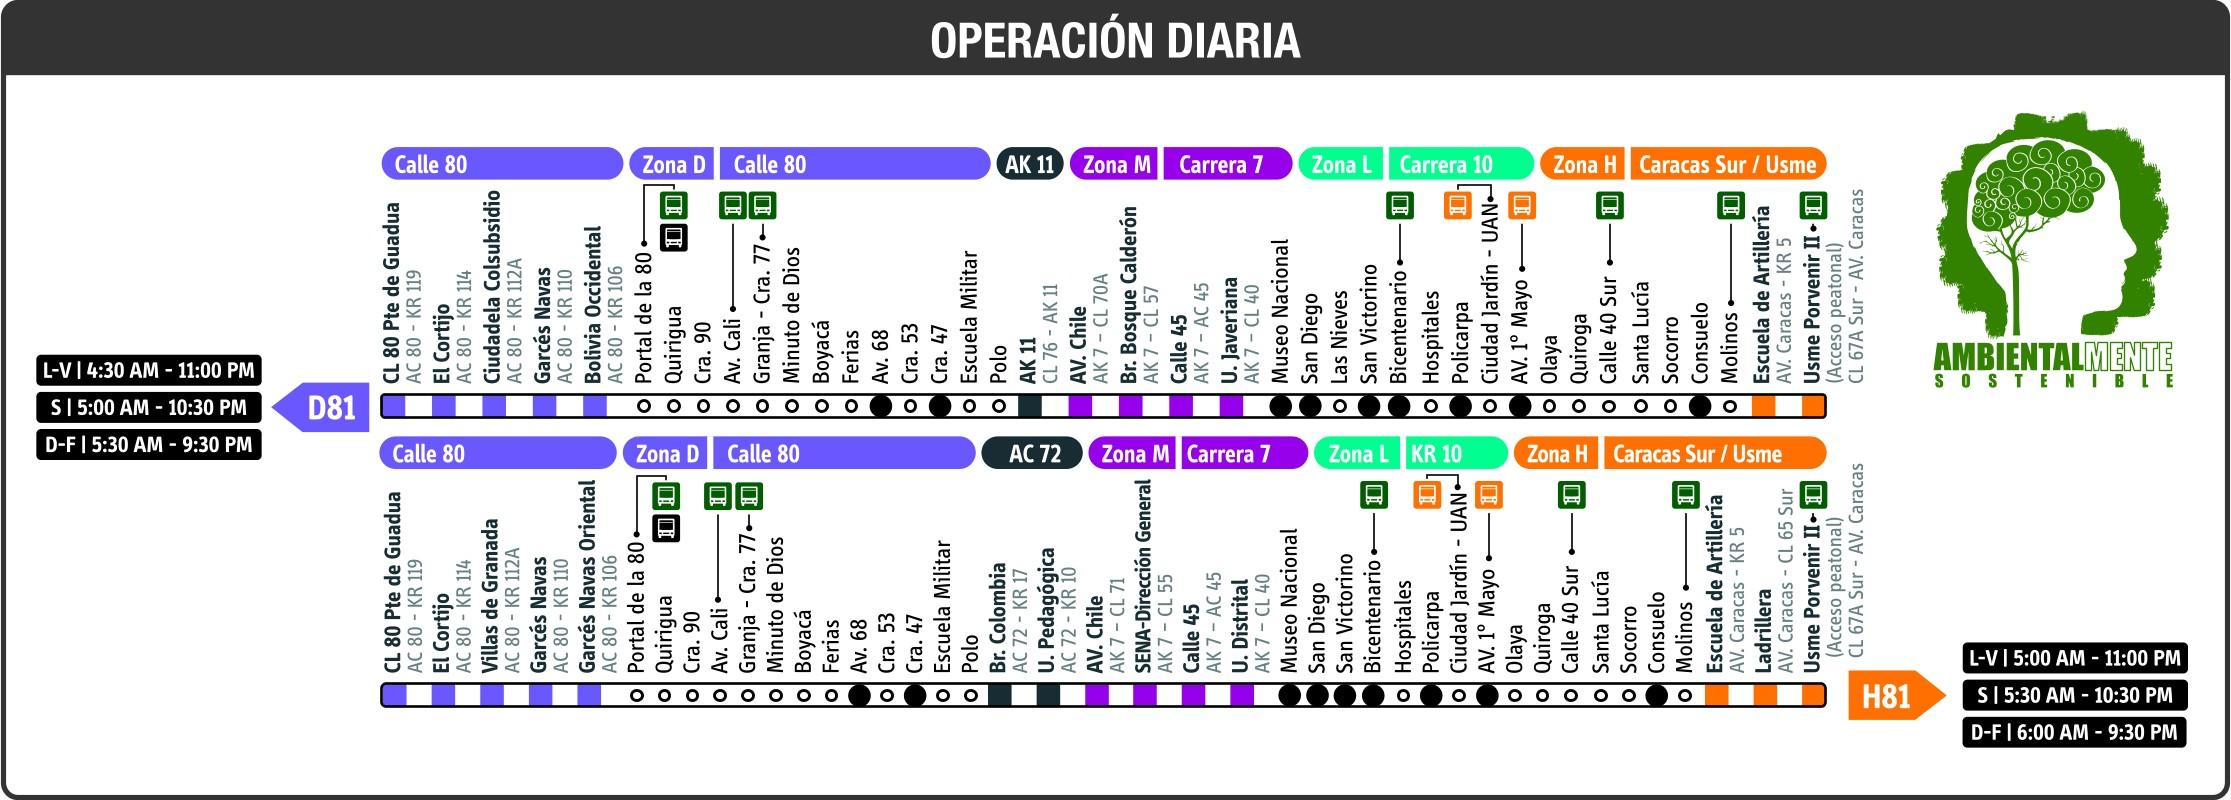 Ruta BUS DUAL: H81-D81